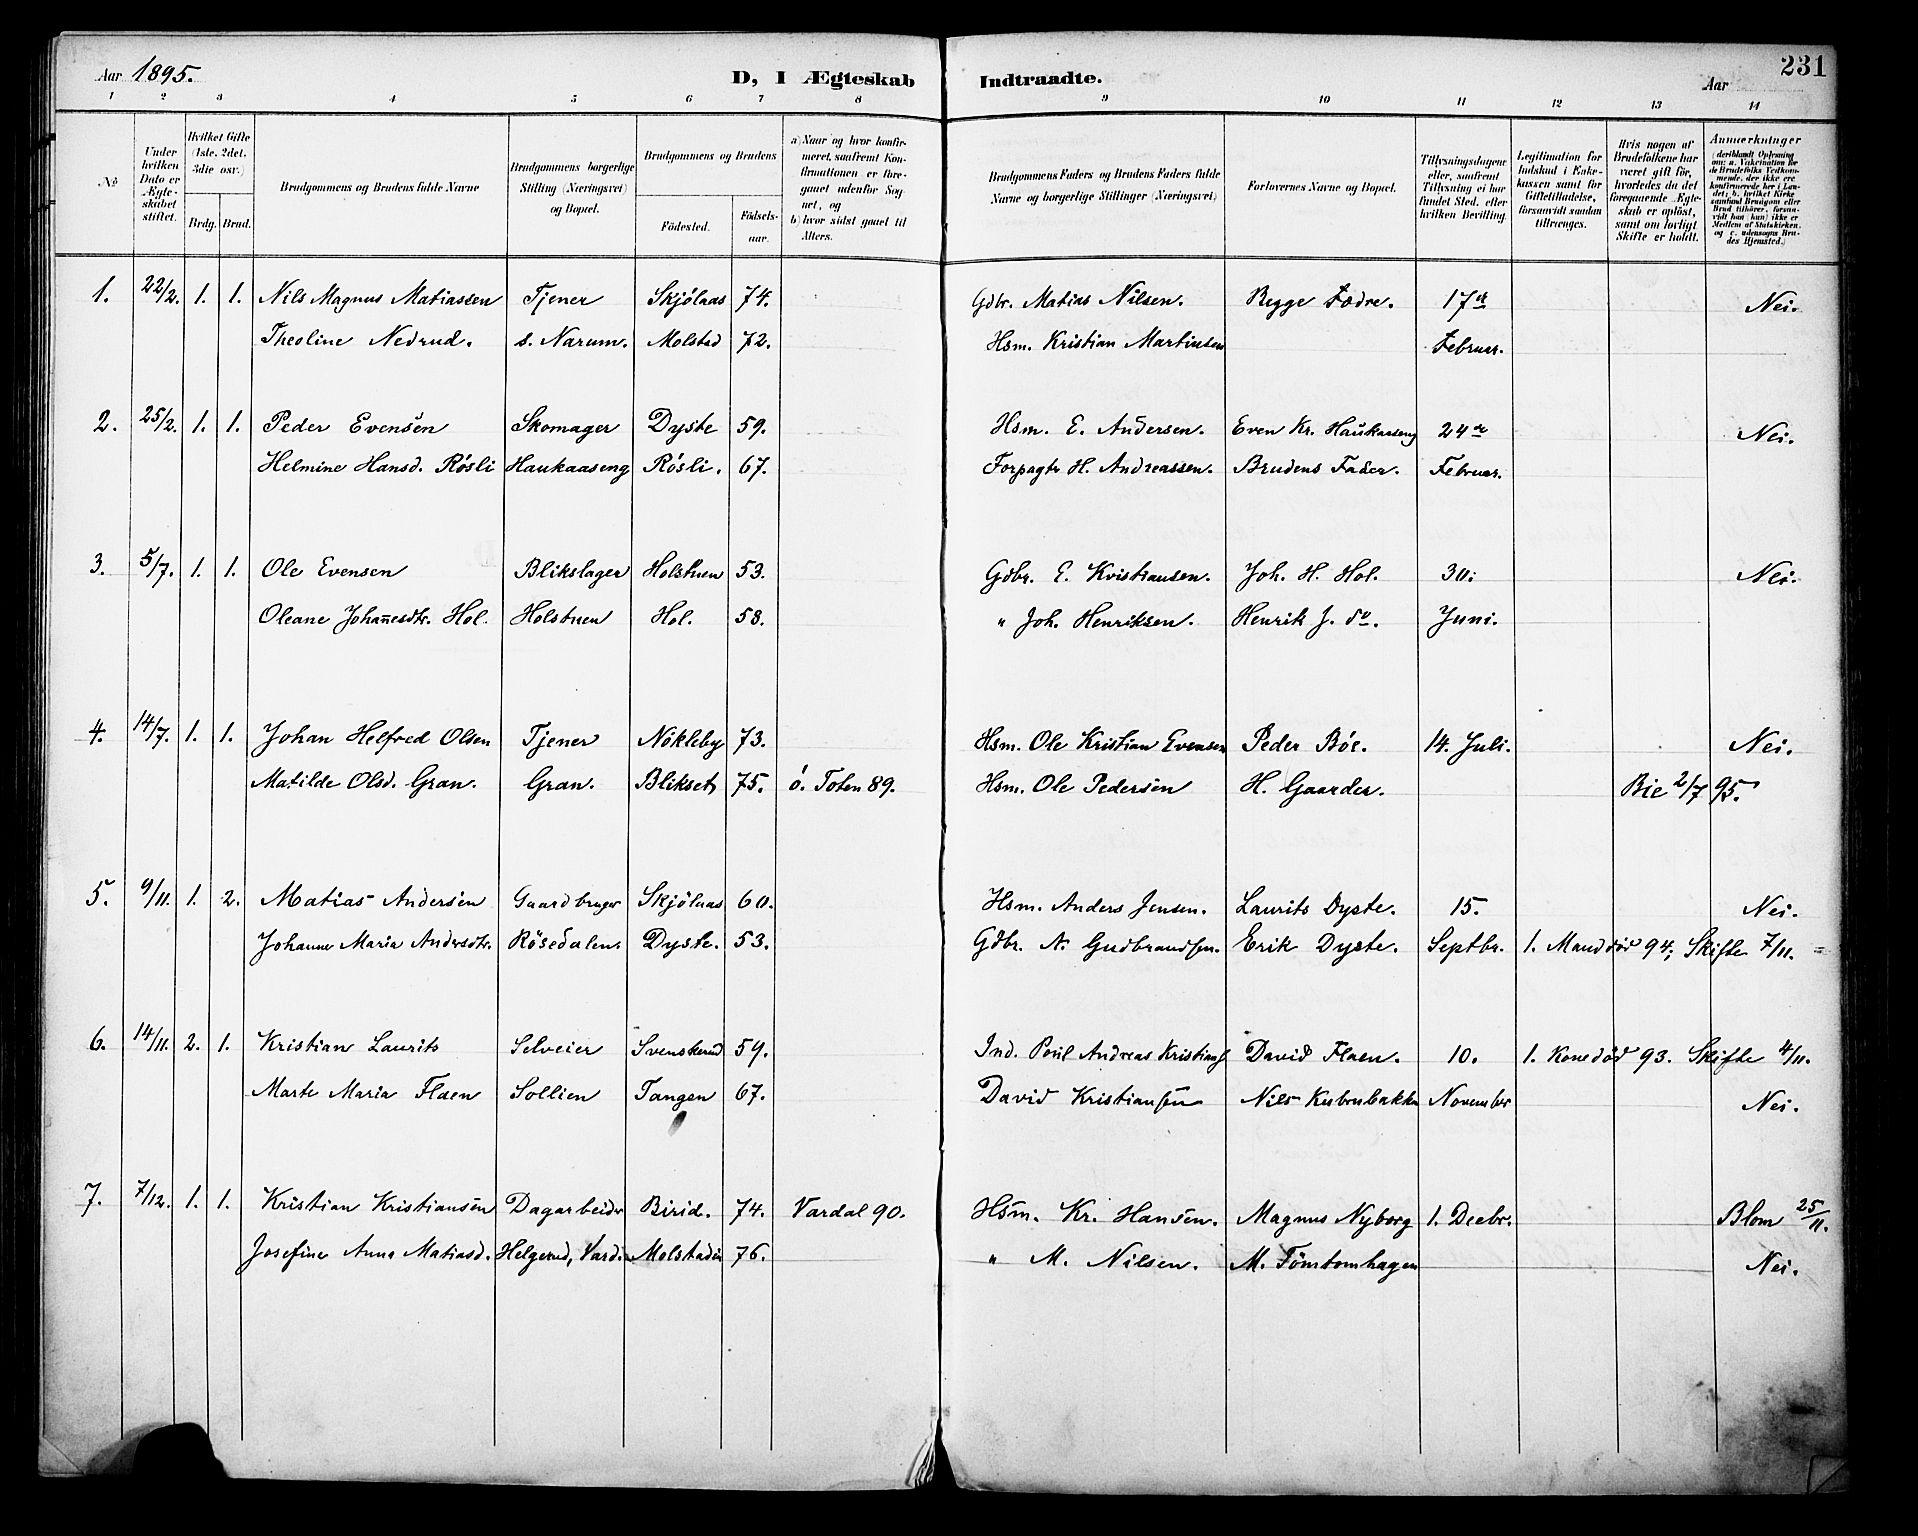 SAH, Vestre Toten prestekontor, Ministerialbok nr. 13, 1895-1911, s. 231